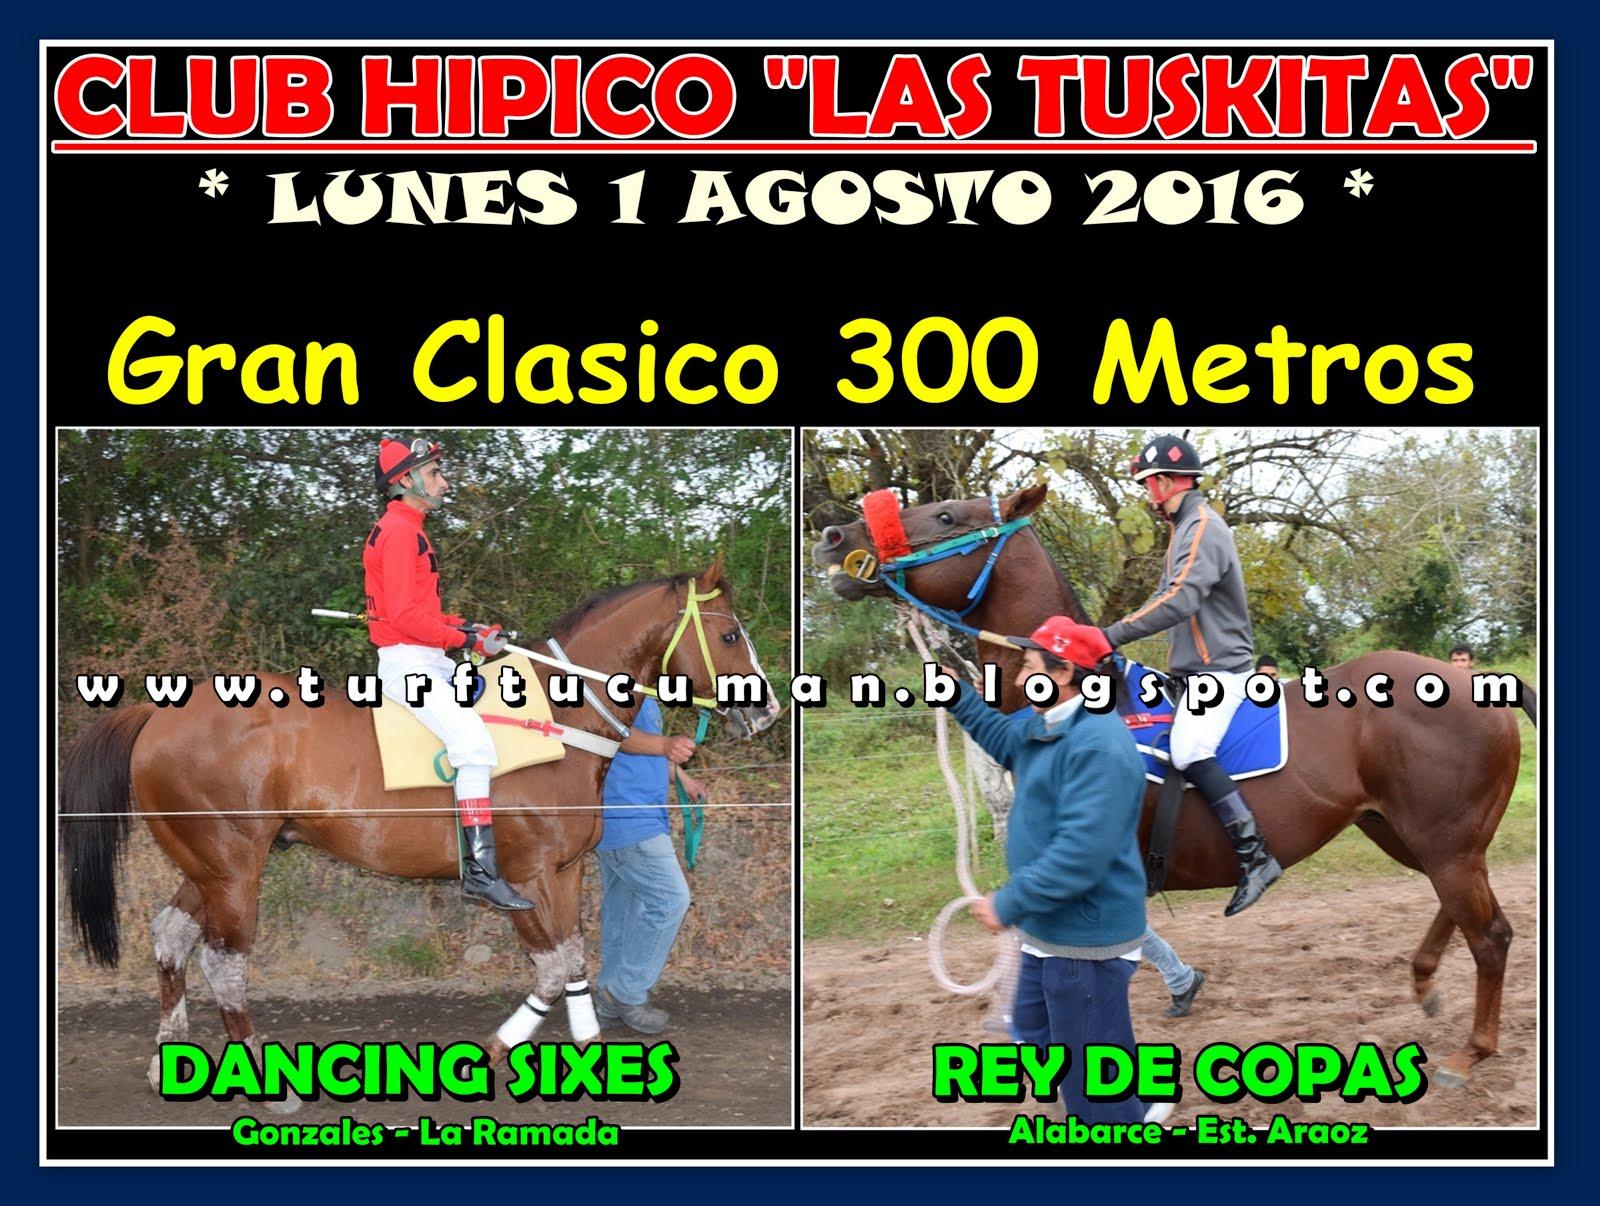 DANCING VS REY DE COPAS